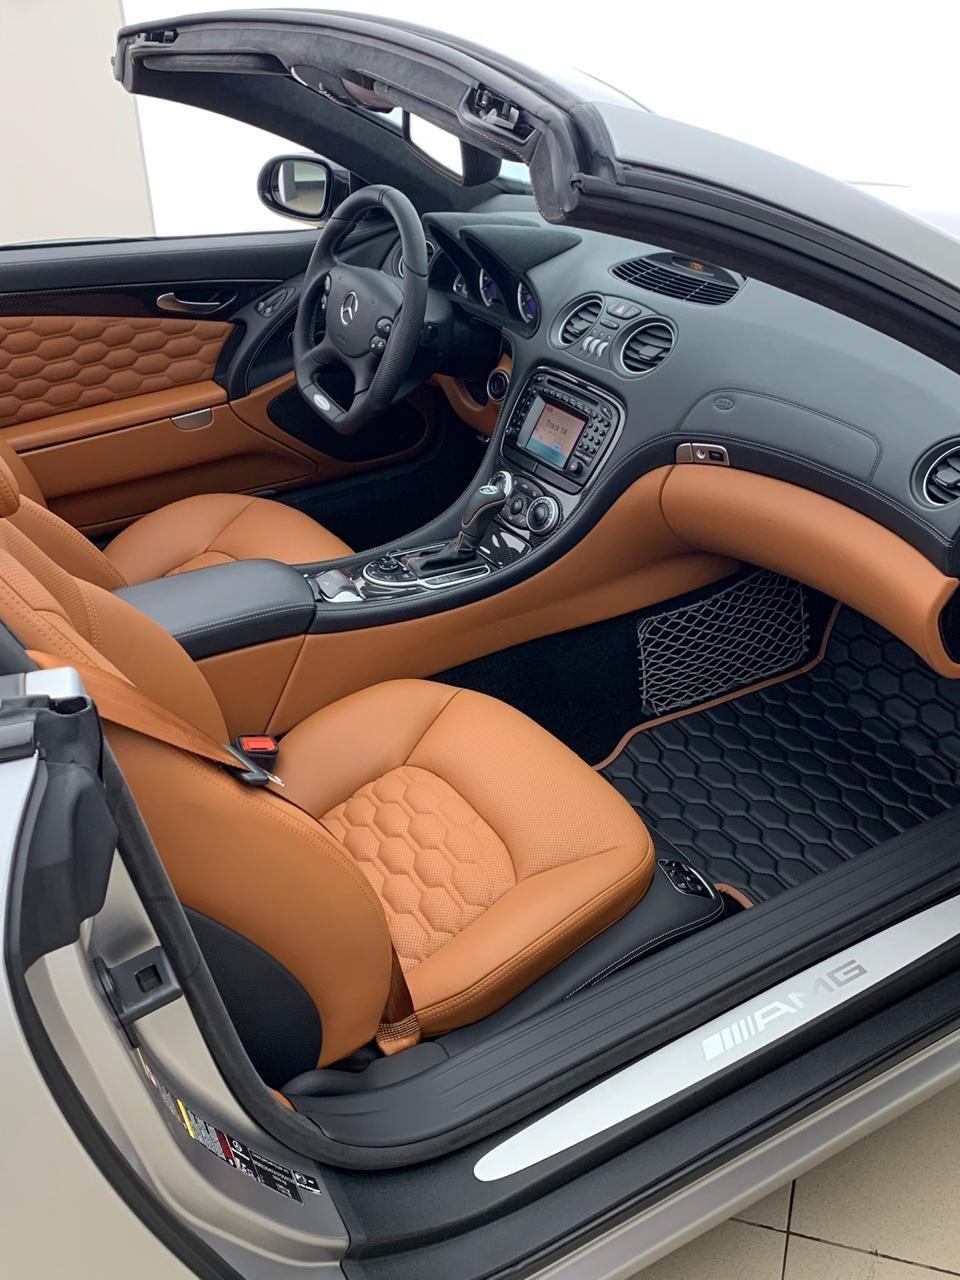 Mercedes-Benz SL55 AMG R230 (17)